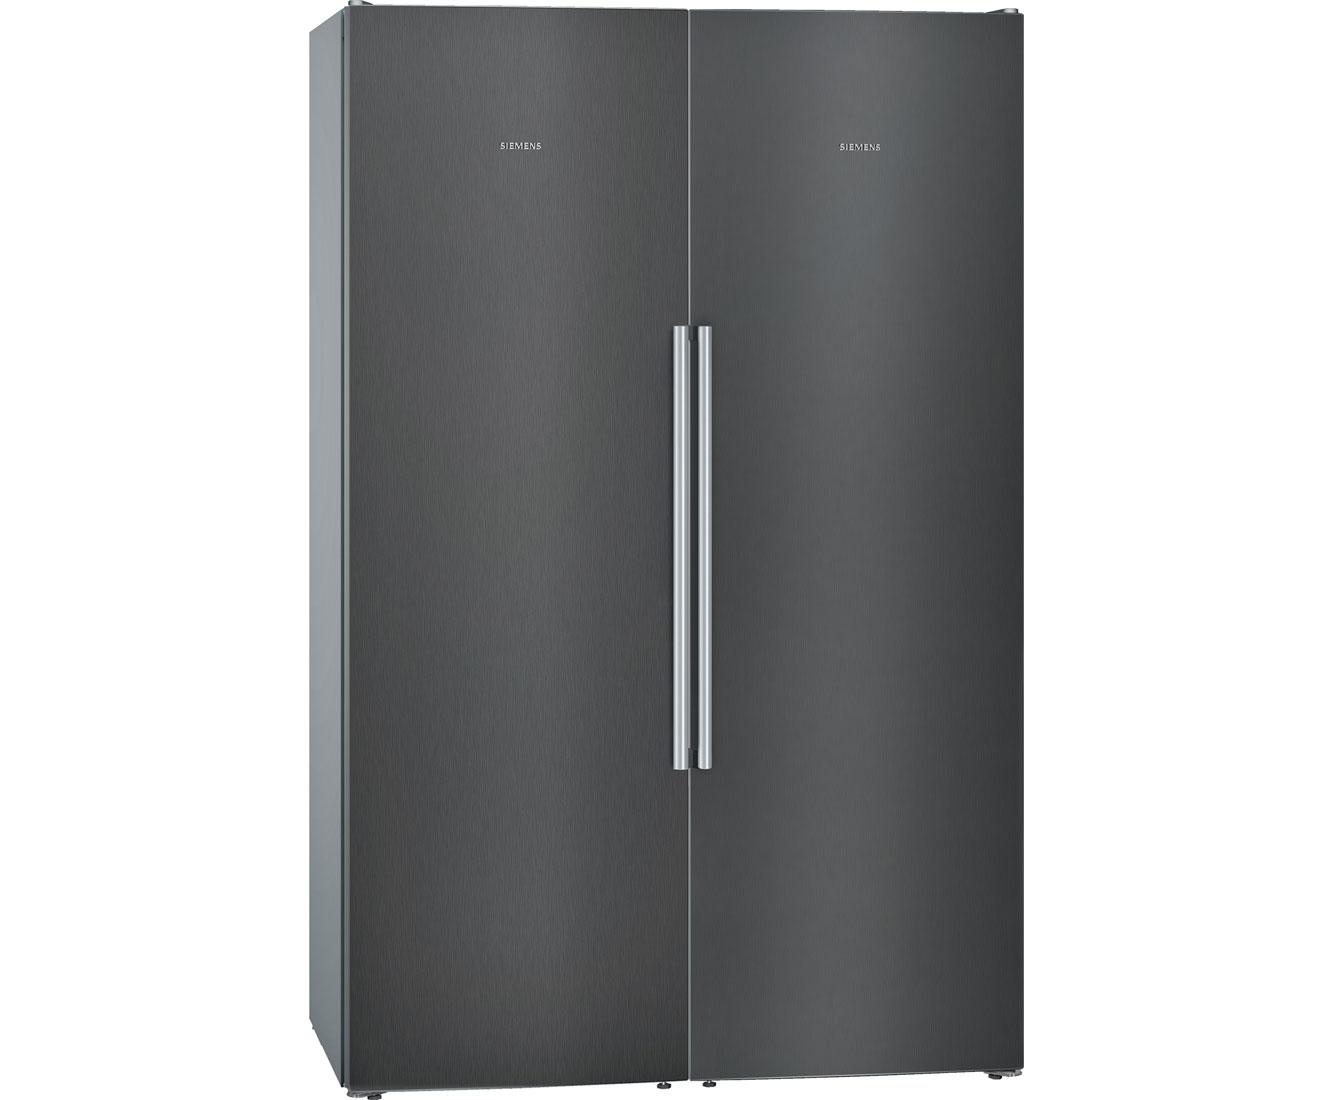 Smeg Kühlschrank Laut : Smeg kühlschrank laute geräusche gorenje rk 60319 ord kühl gefrier